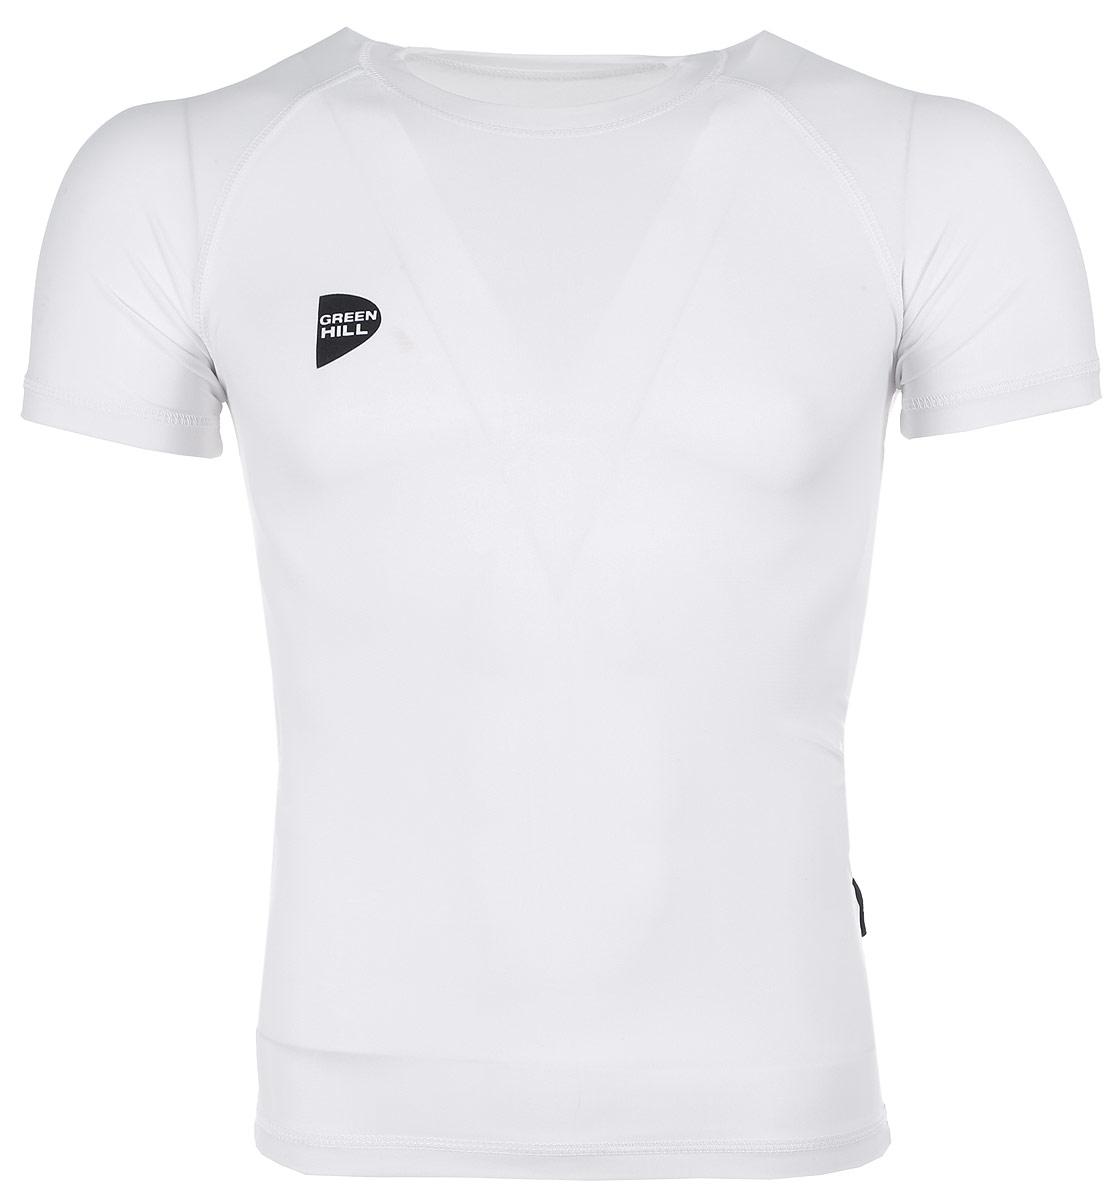 Защитная футболка Green Hill, с коротким рукавом, цвет: белый. Размер XXL. RGS-3558RGS-3558Защитная футболка с коротким рукавом Green Hill выполнена из полиэстера и лайкры. На ней изображен логотип дзюдо. Размеры: длина 74 см, ширина 47 см.